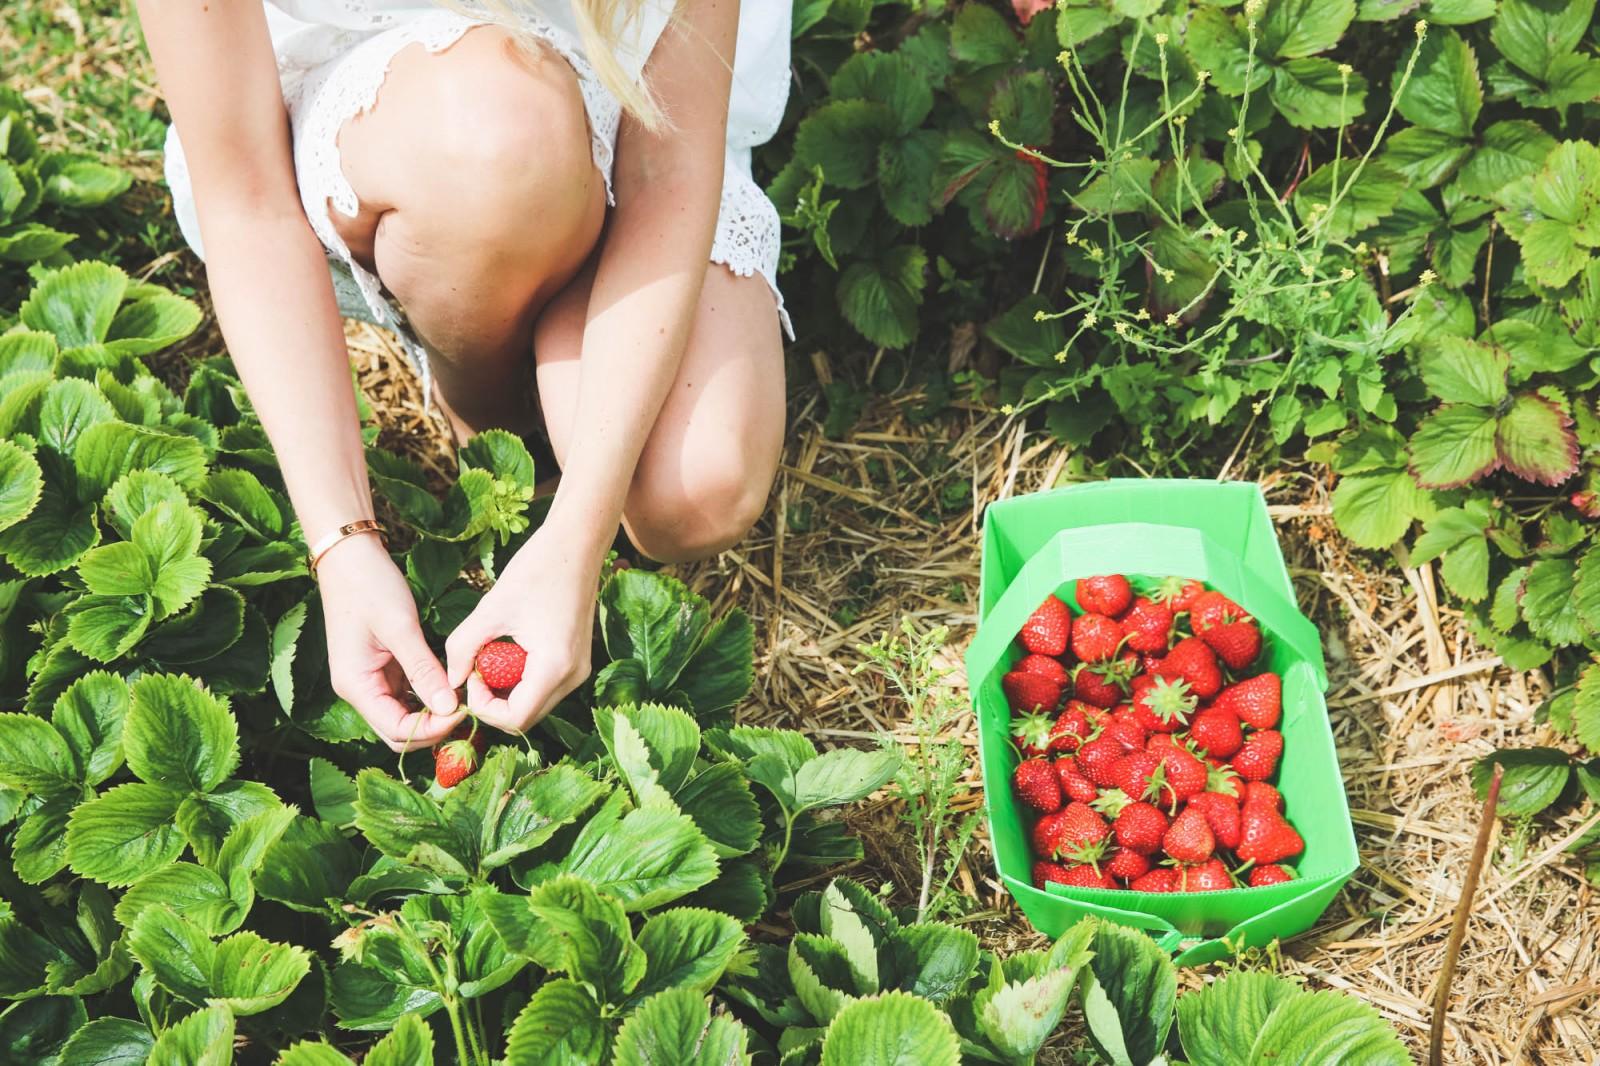 fruit-picking-28-of-83-1600x1066.jpg